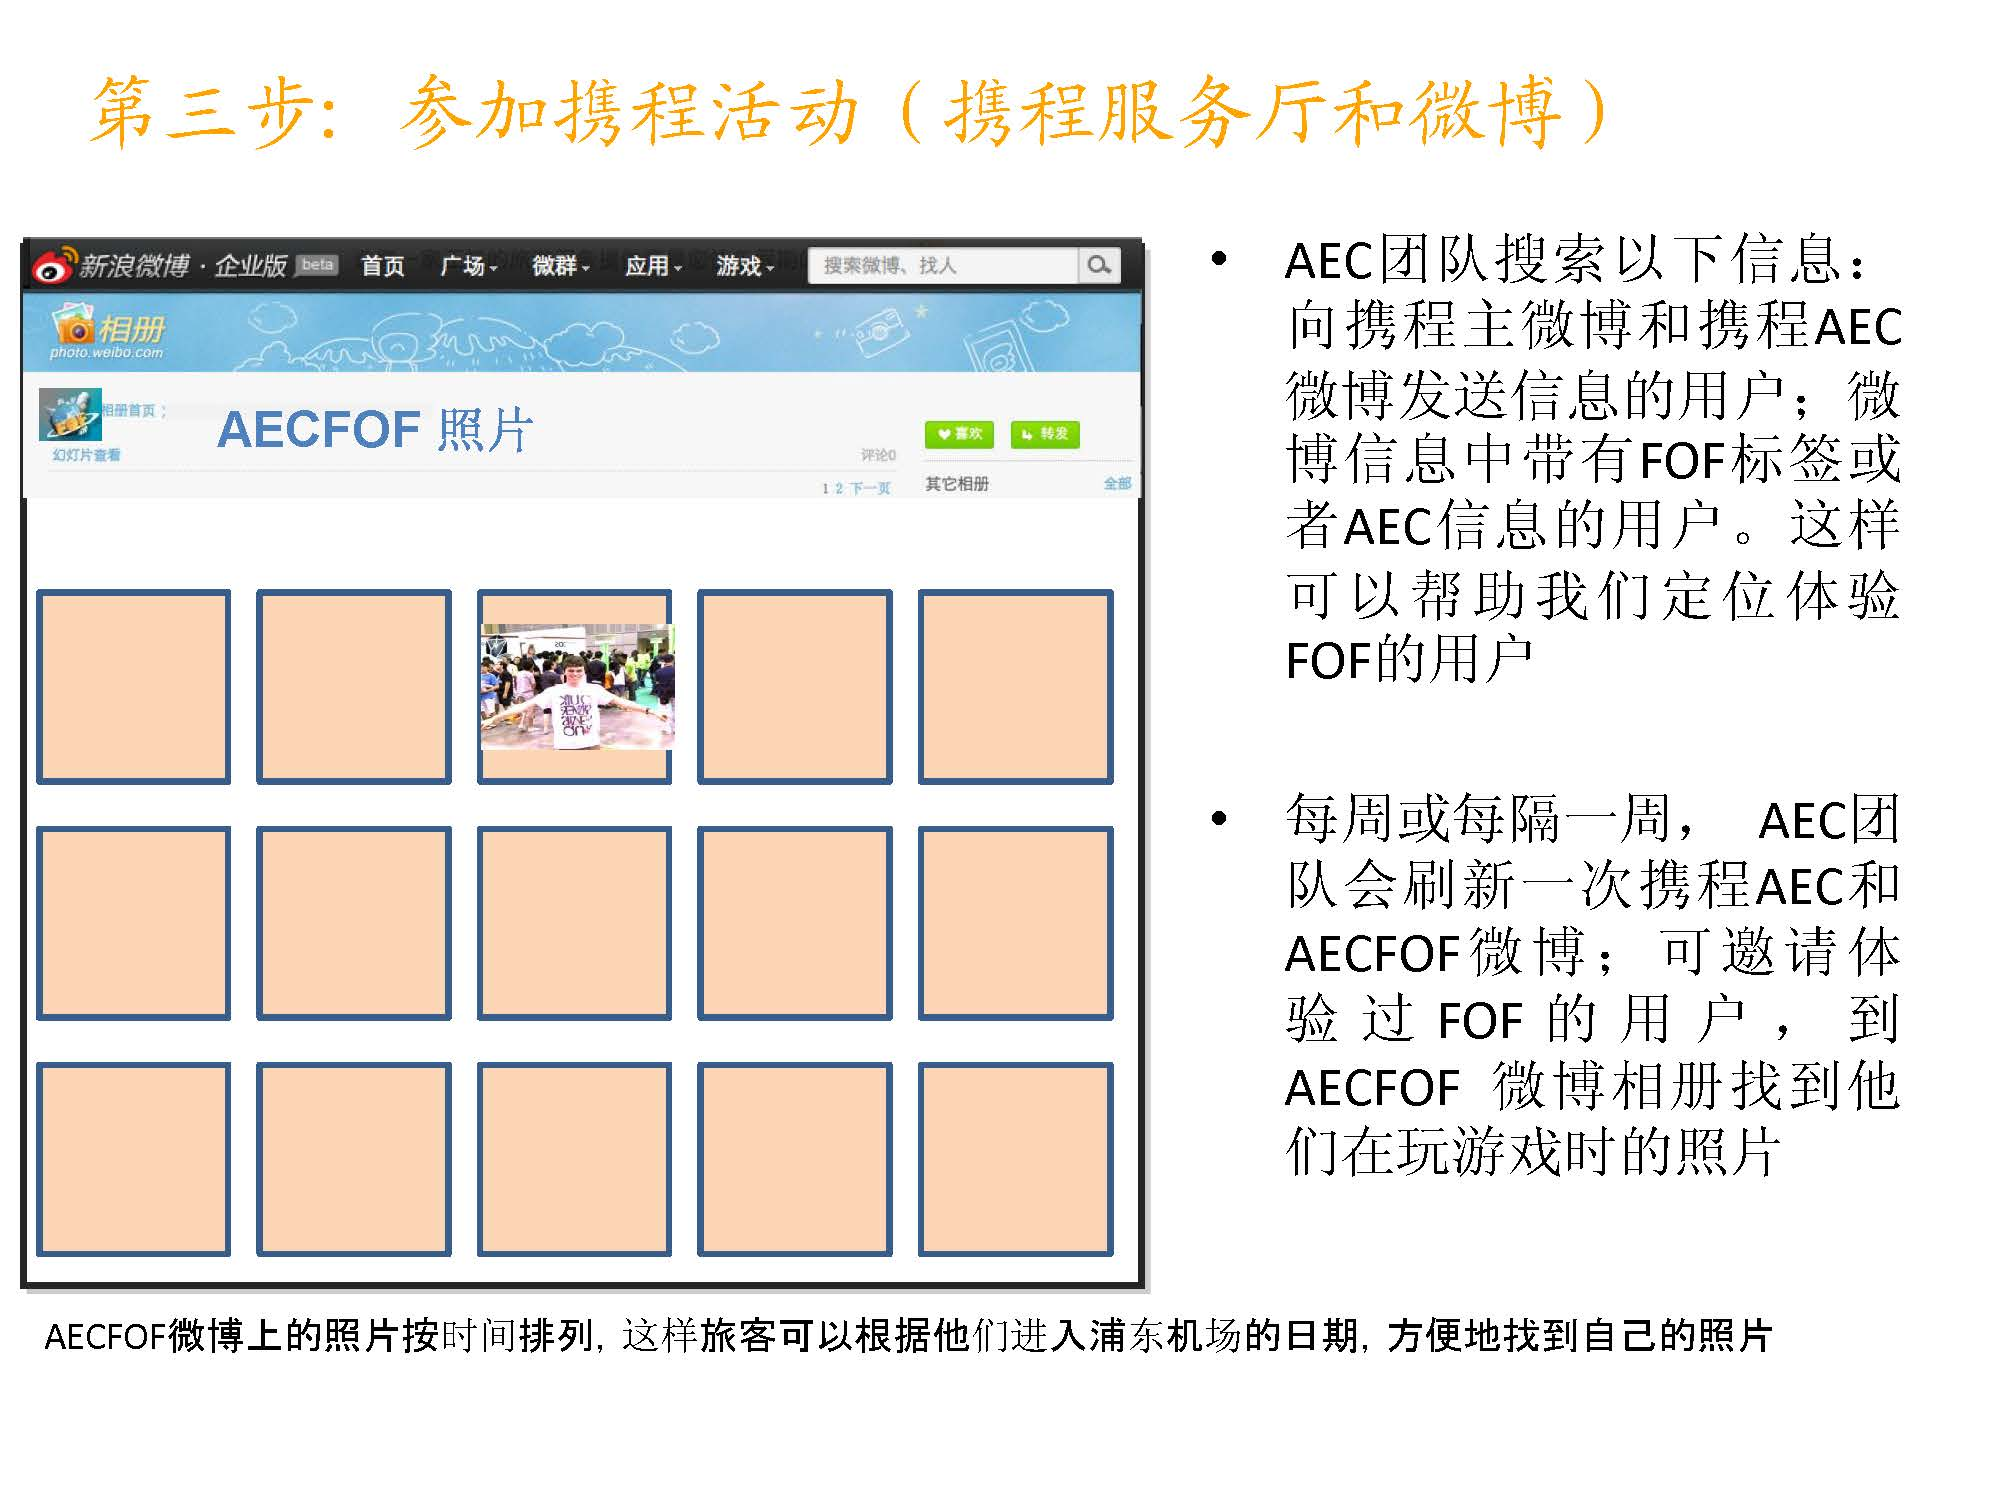 Ctrip-UF+SB24.jpg